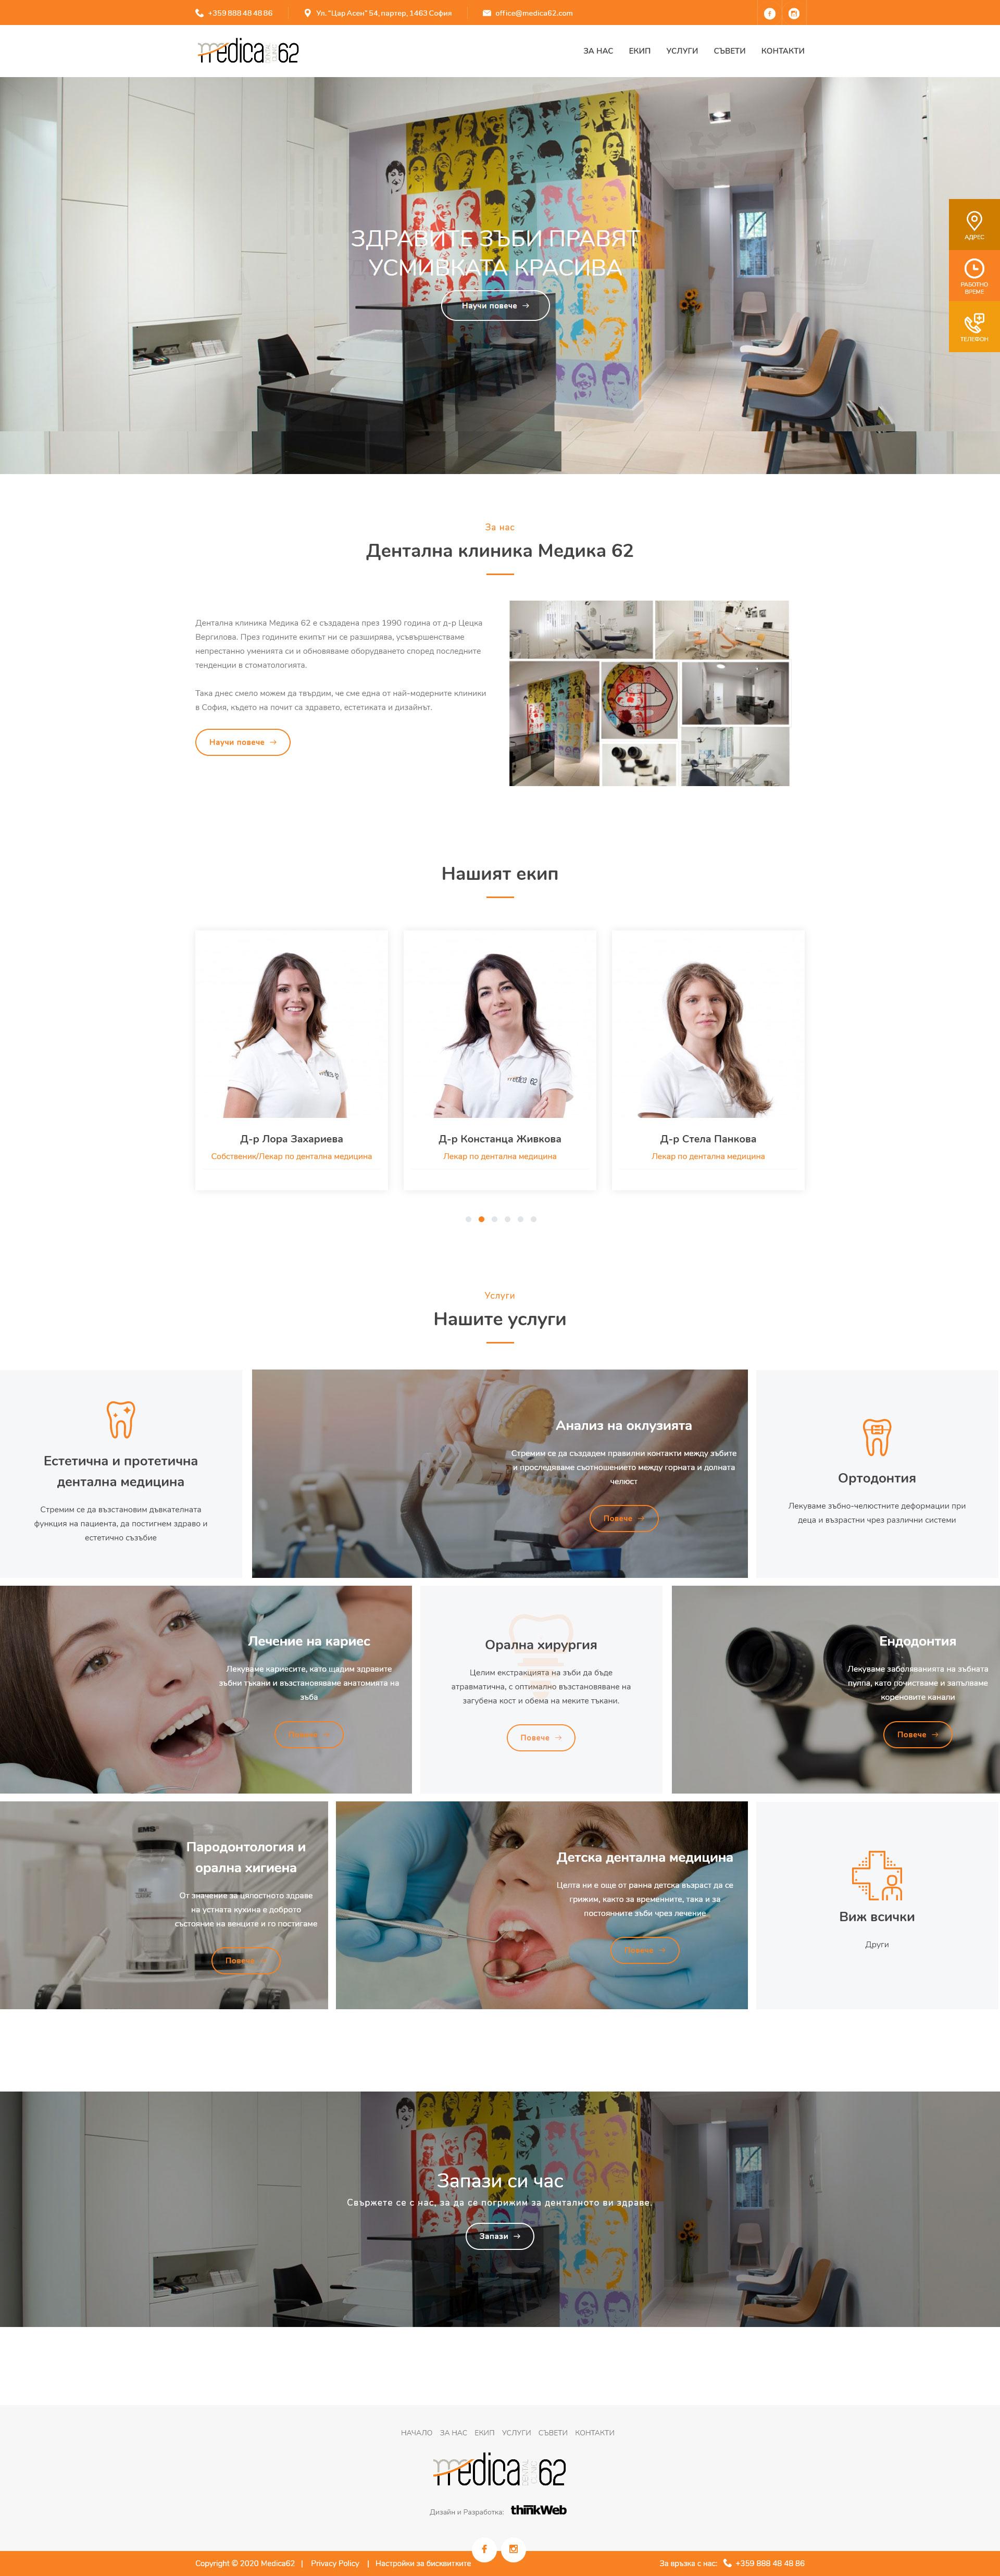 Medica62 Website